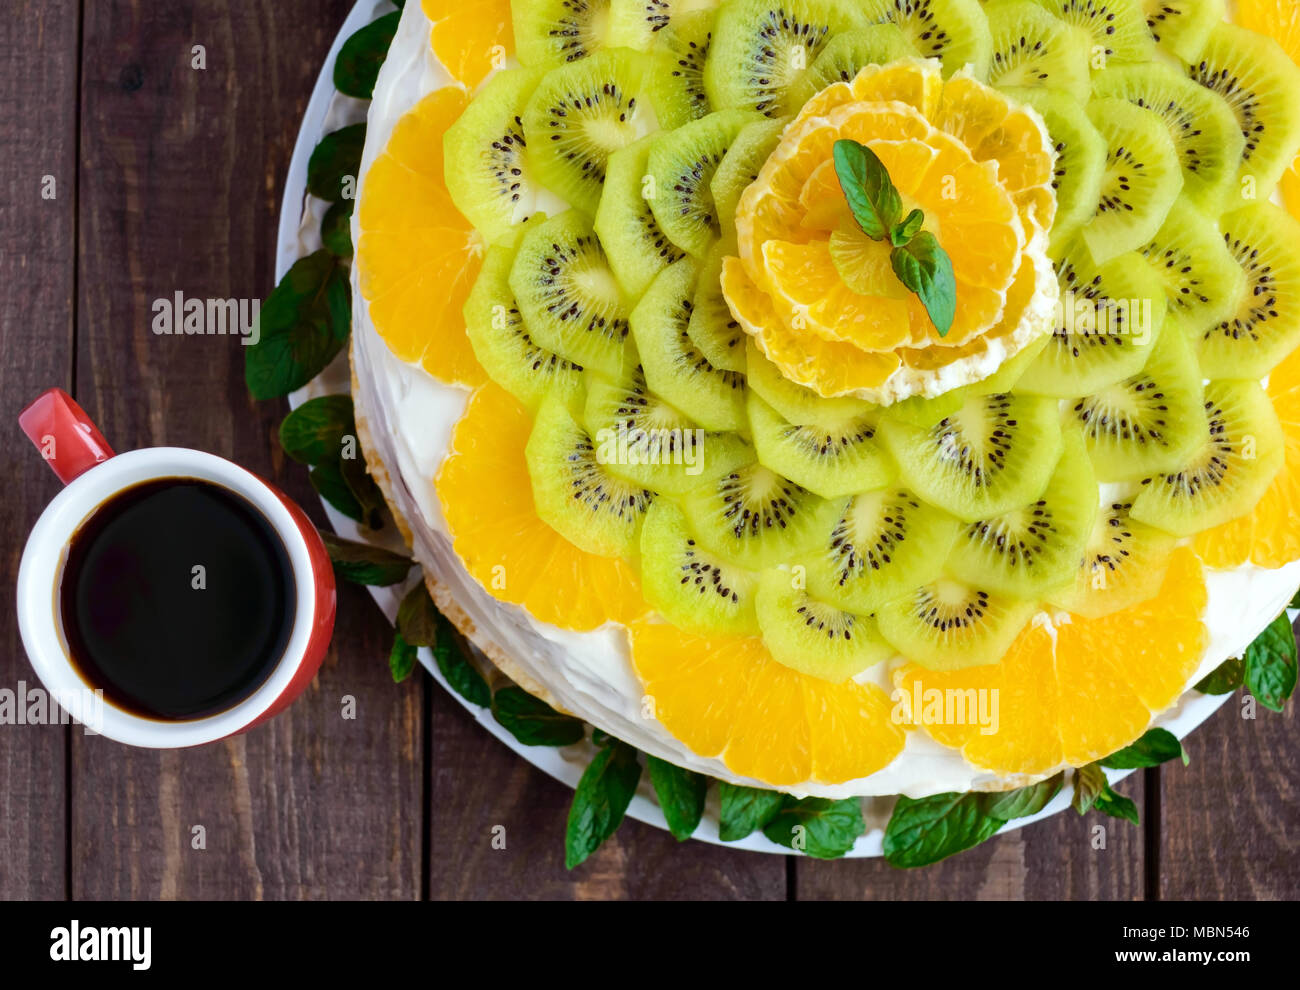 Brillante Rotondo frutta festosa torta decorata con kiwi, arancio, menta e una tazza di caffè. Immagini Stock